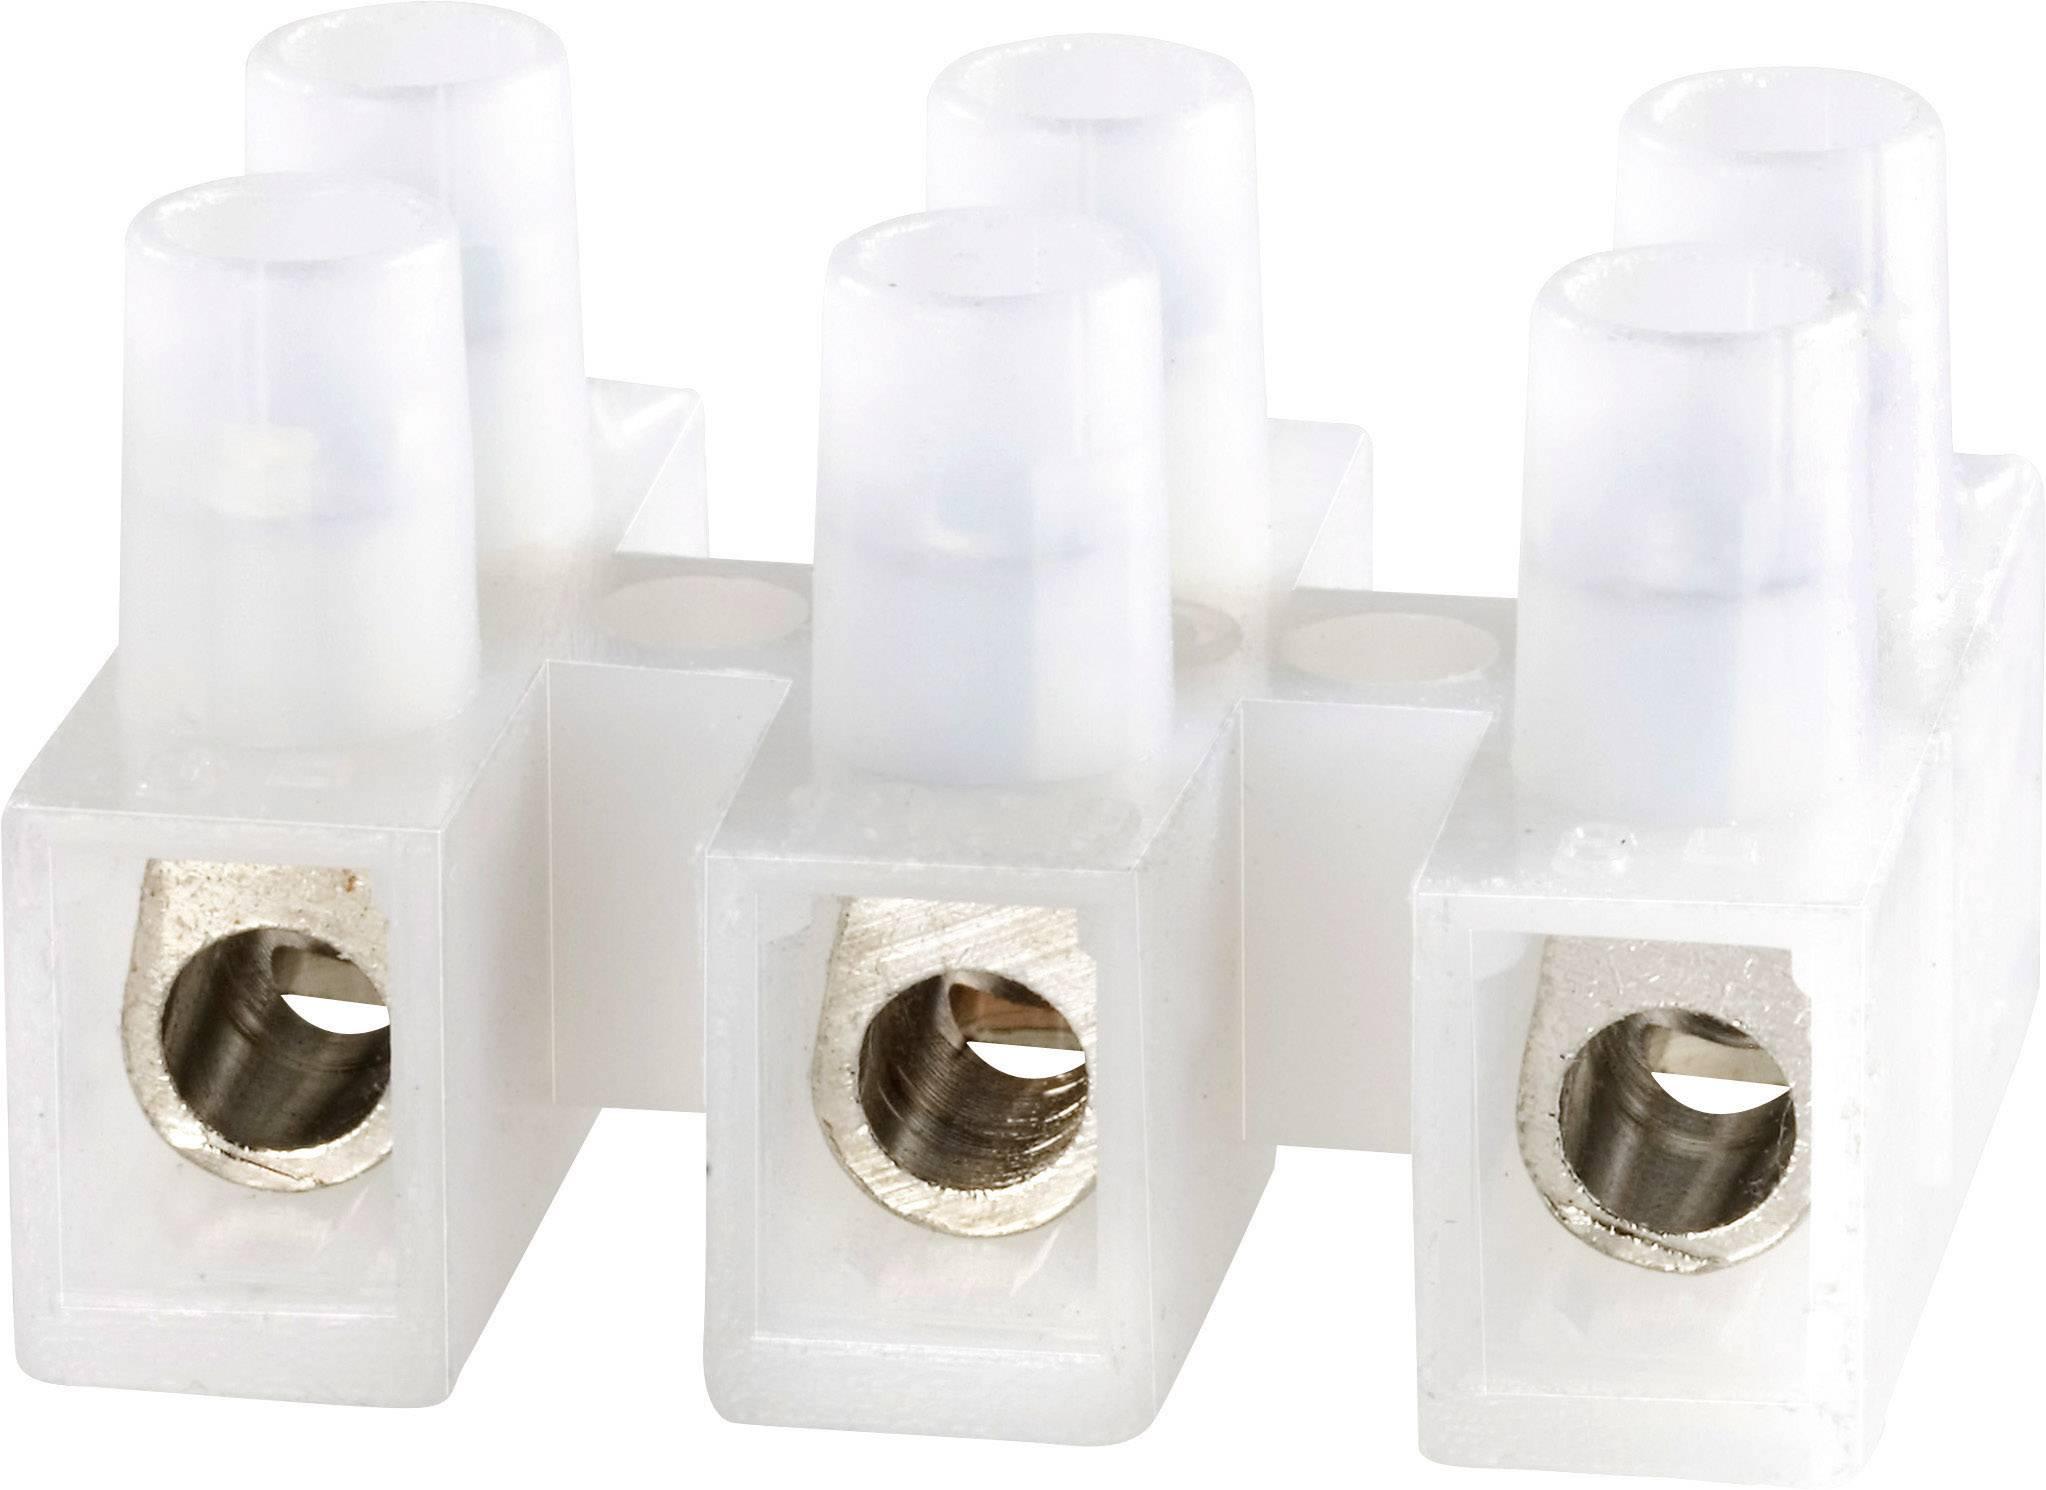 Svietidlové svorky Adels-Contact 1000/12 na kábel s rozmerom -6 mm², pólů 12, 1 ks, prírodná